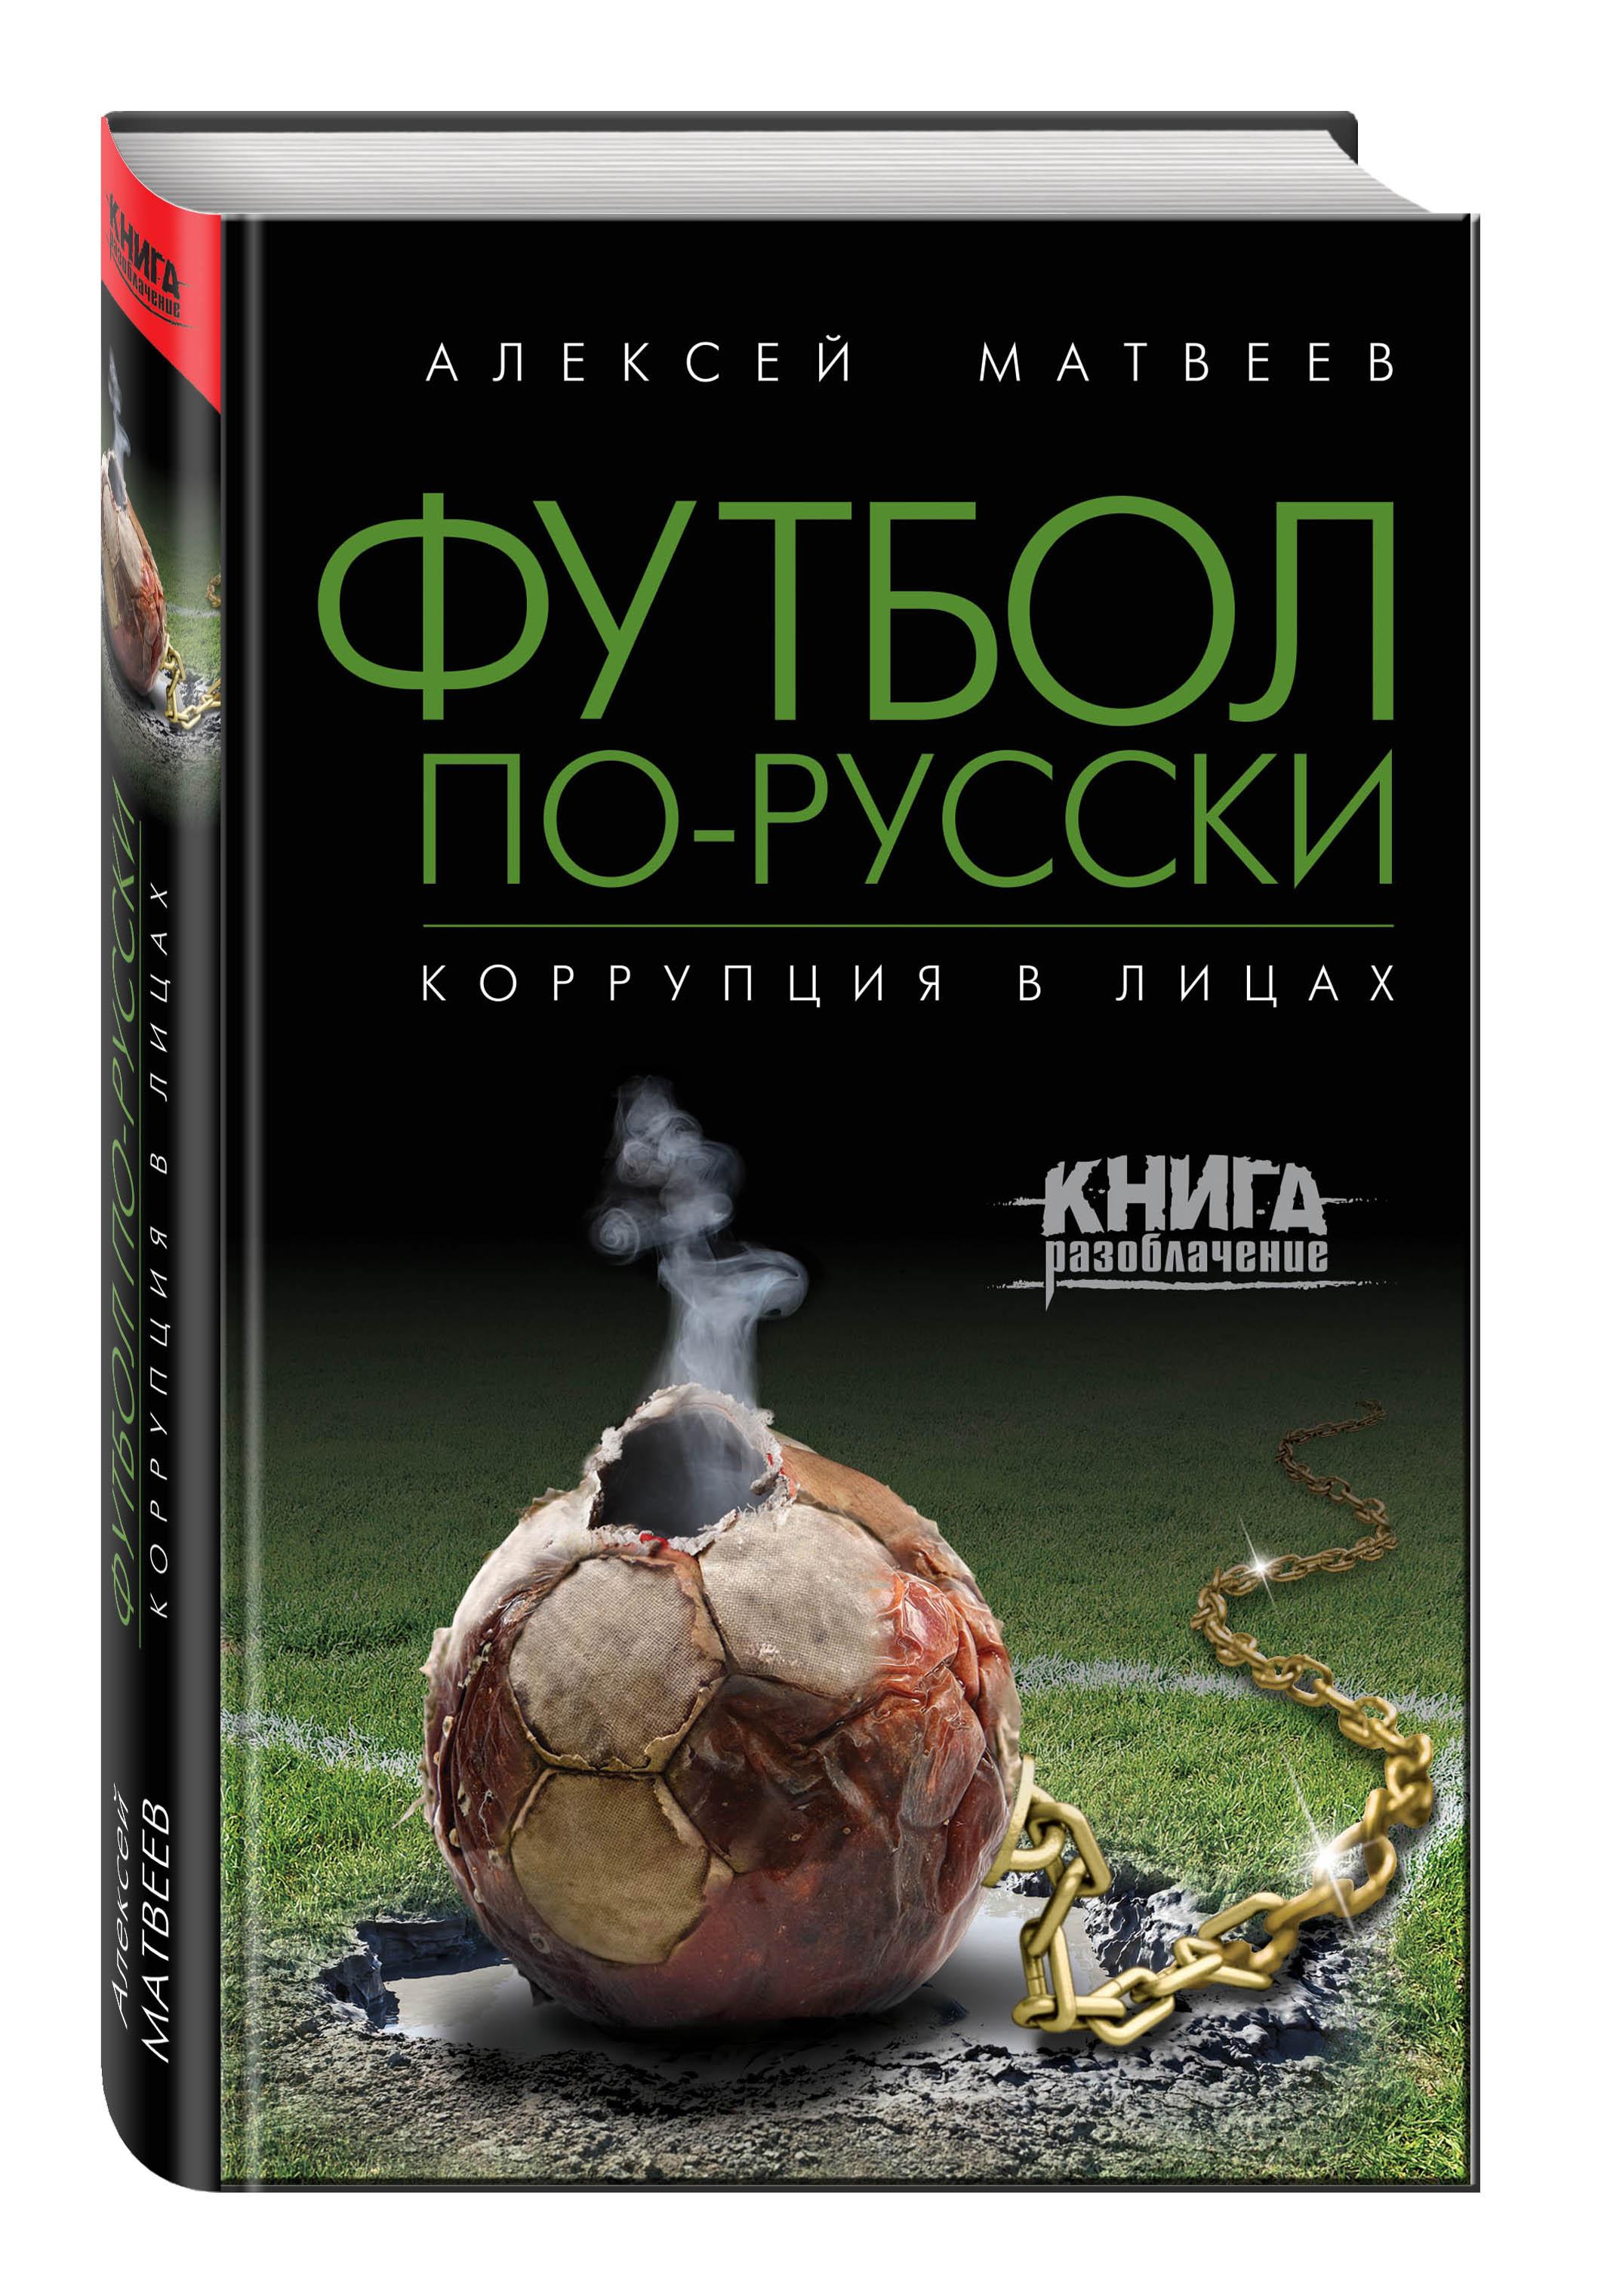 Алексей Матвеев Футбол по-русски. Коррупция в лицах алексей матвеев футбол по русски коррупция в лицах